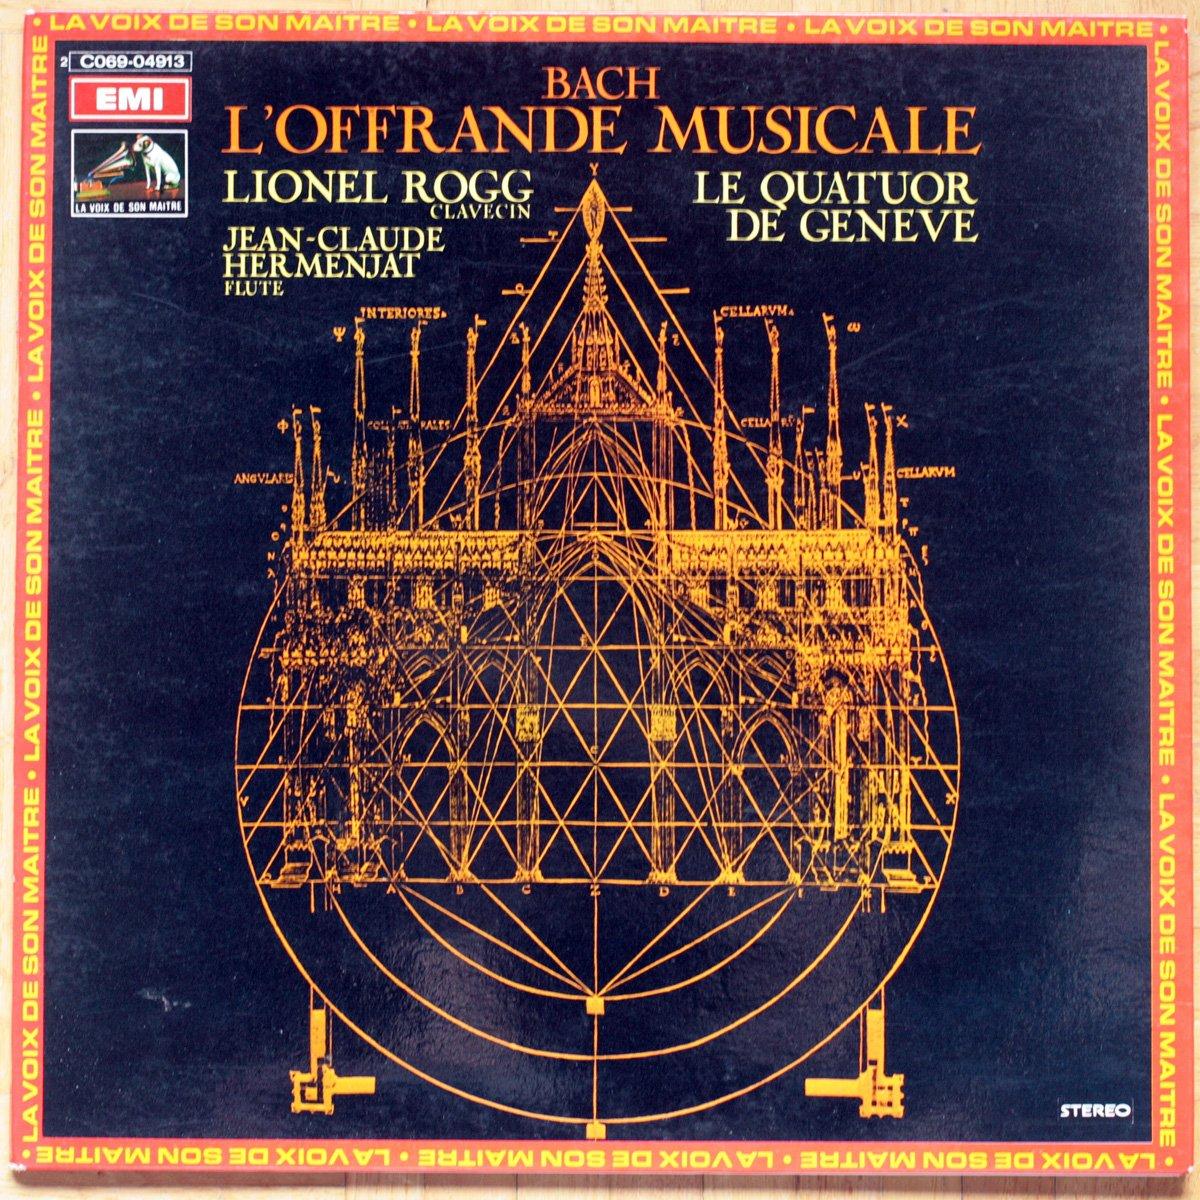 Bach • L'offrande musicale • Musikalisches Opfer • BWV 1079 • Trio pour flûte & violon & continuo • Lionel Rogg • Quatuor de Genève